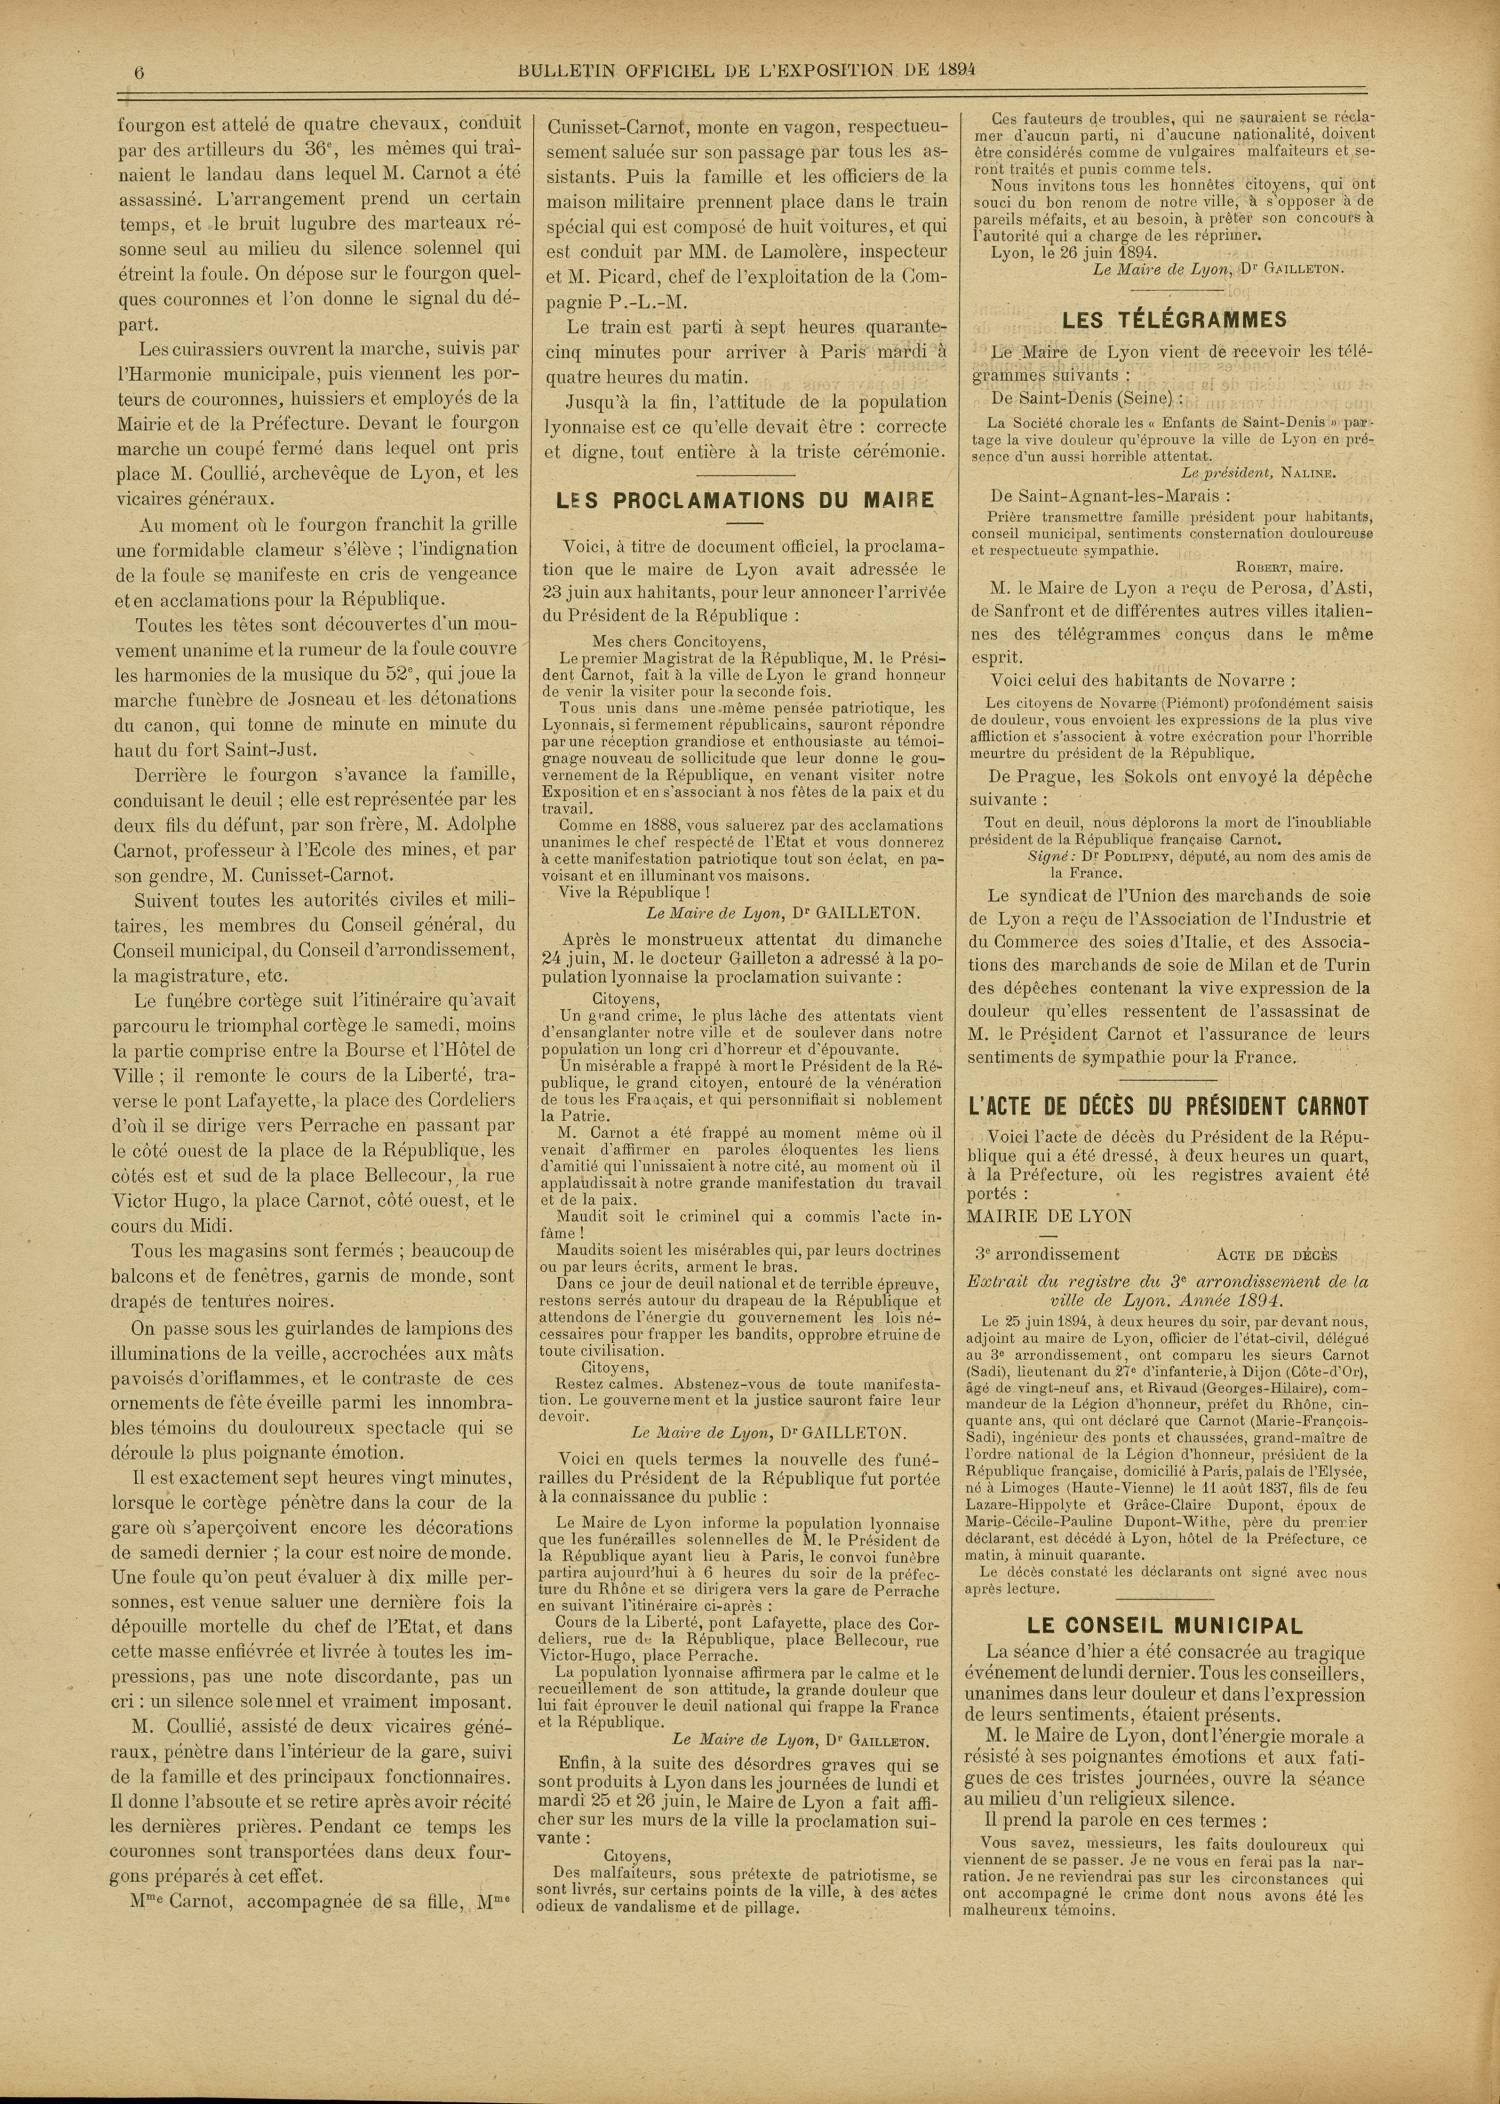 Contenu textuel de l'image : L'ACTE DE DÉCÈS DU PRÉSIDENT CARNOT